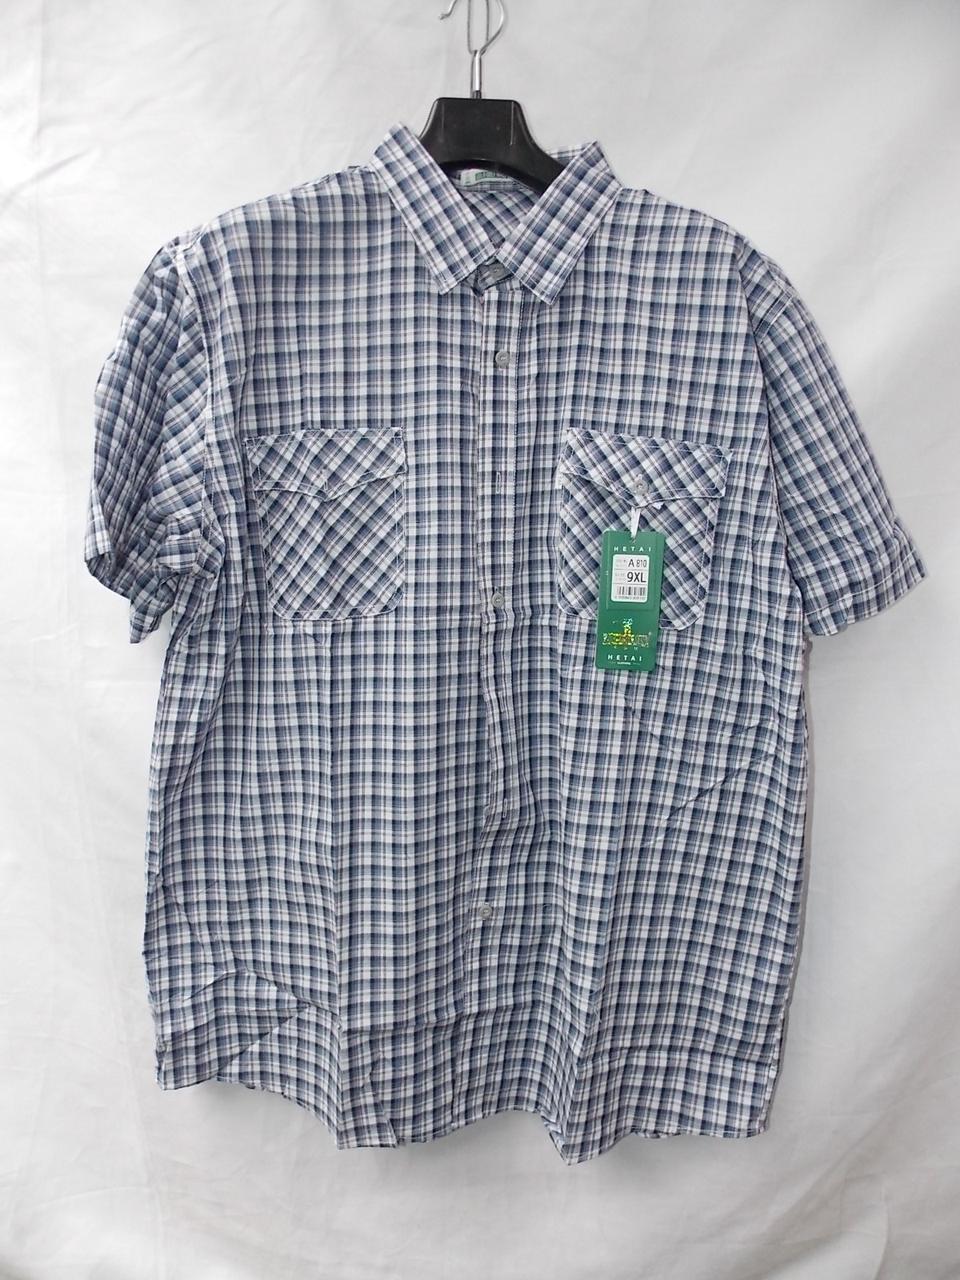 Чоловіча літня сорочка Баталов (р-р 56-64) з коротким рукавом оптом недорого зі складу в Одесі